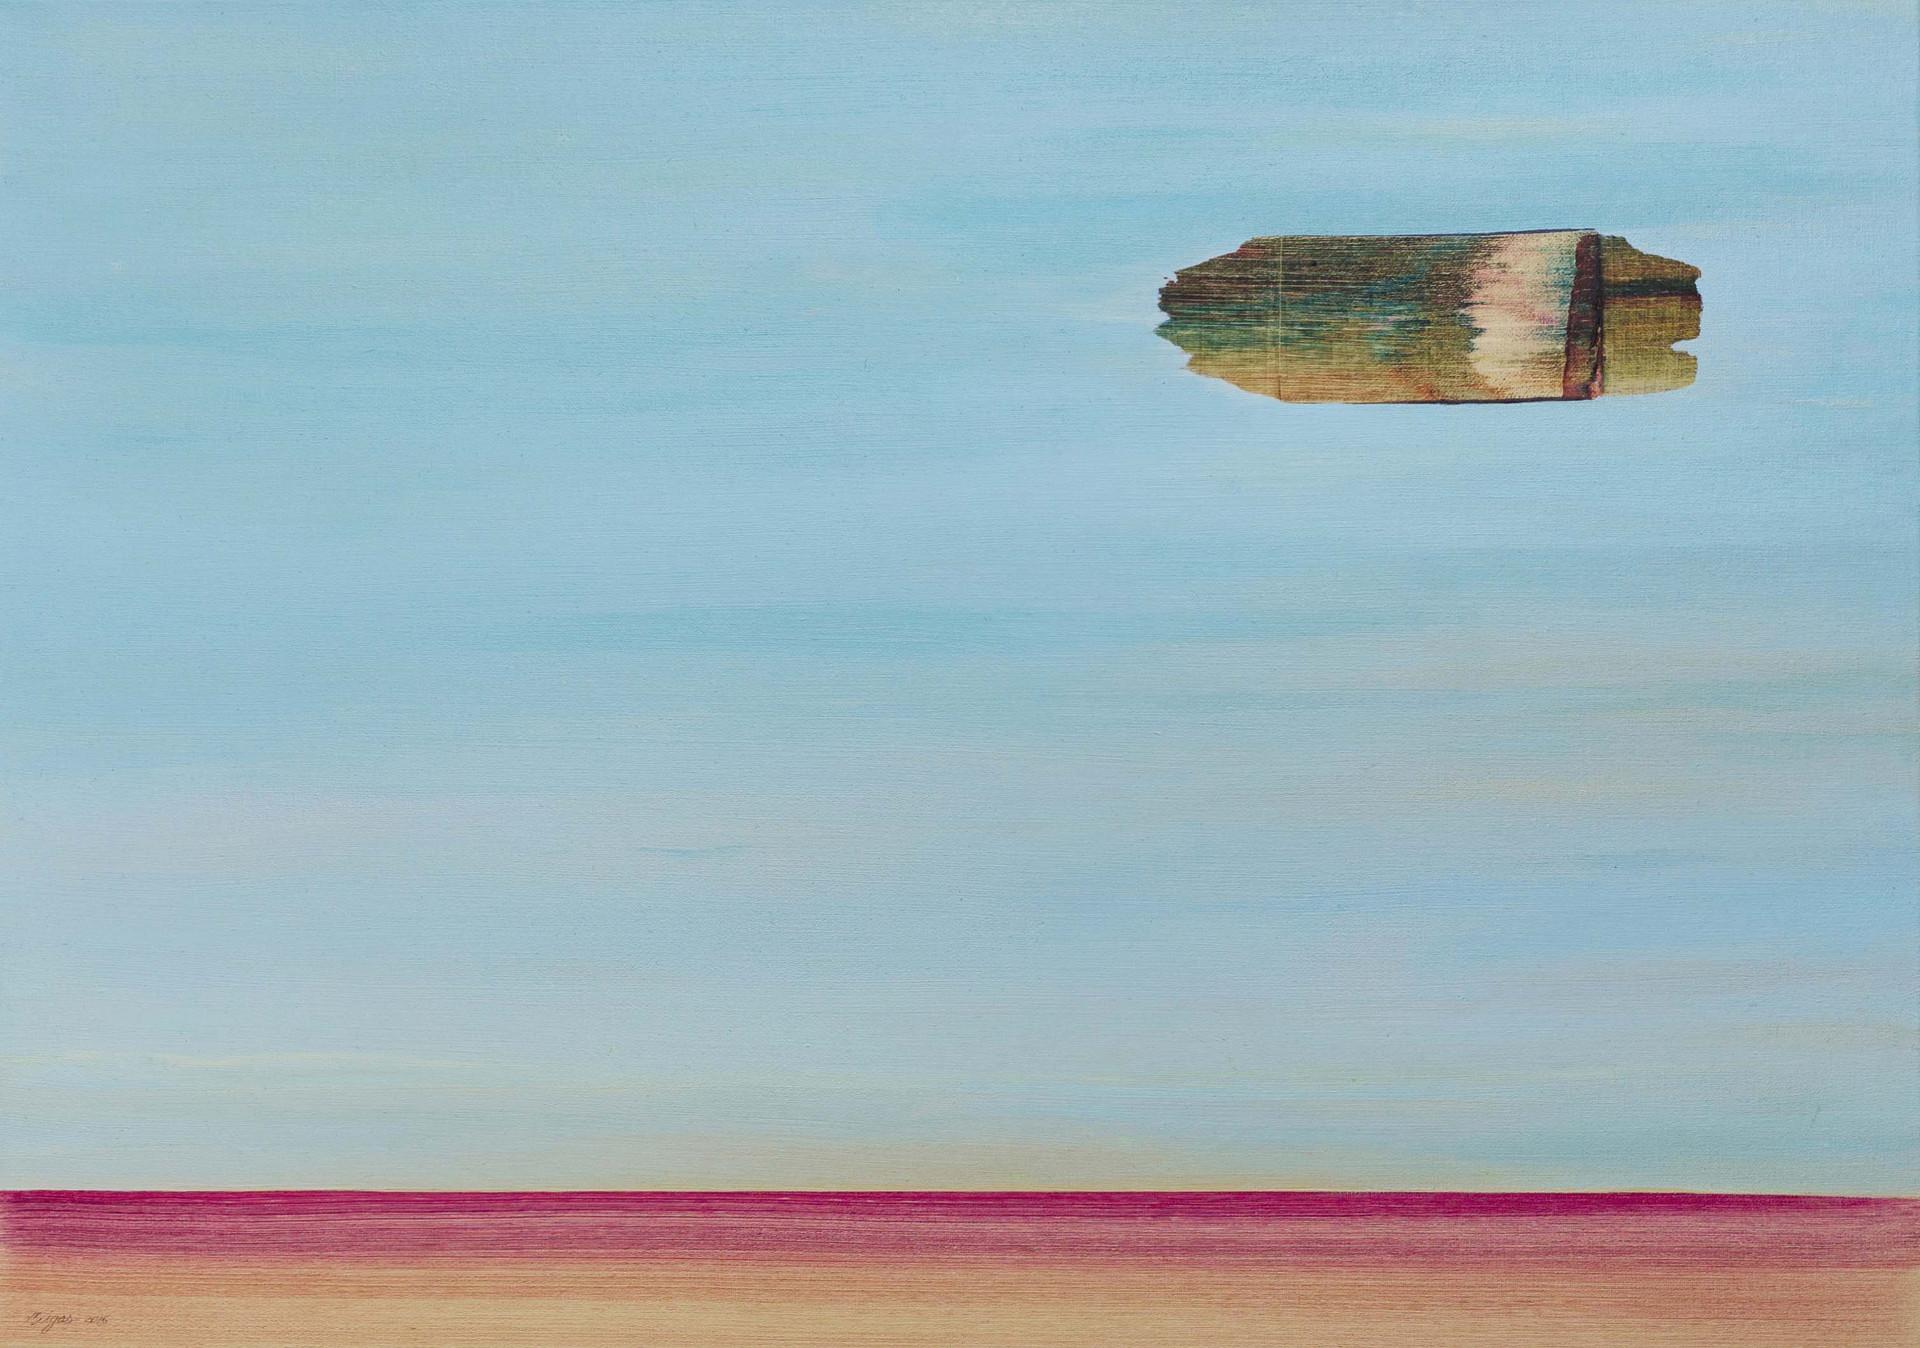 Little Richter 2016 70x50cm. Oil on Canvas